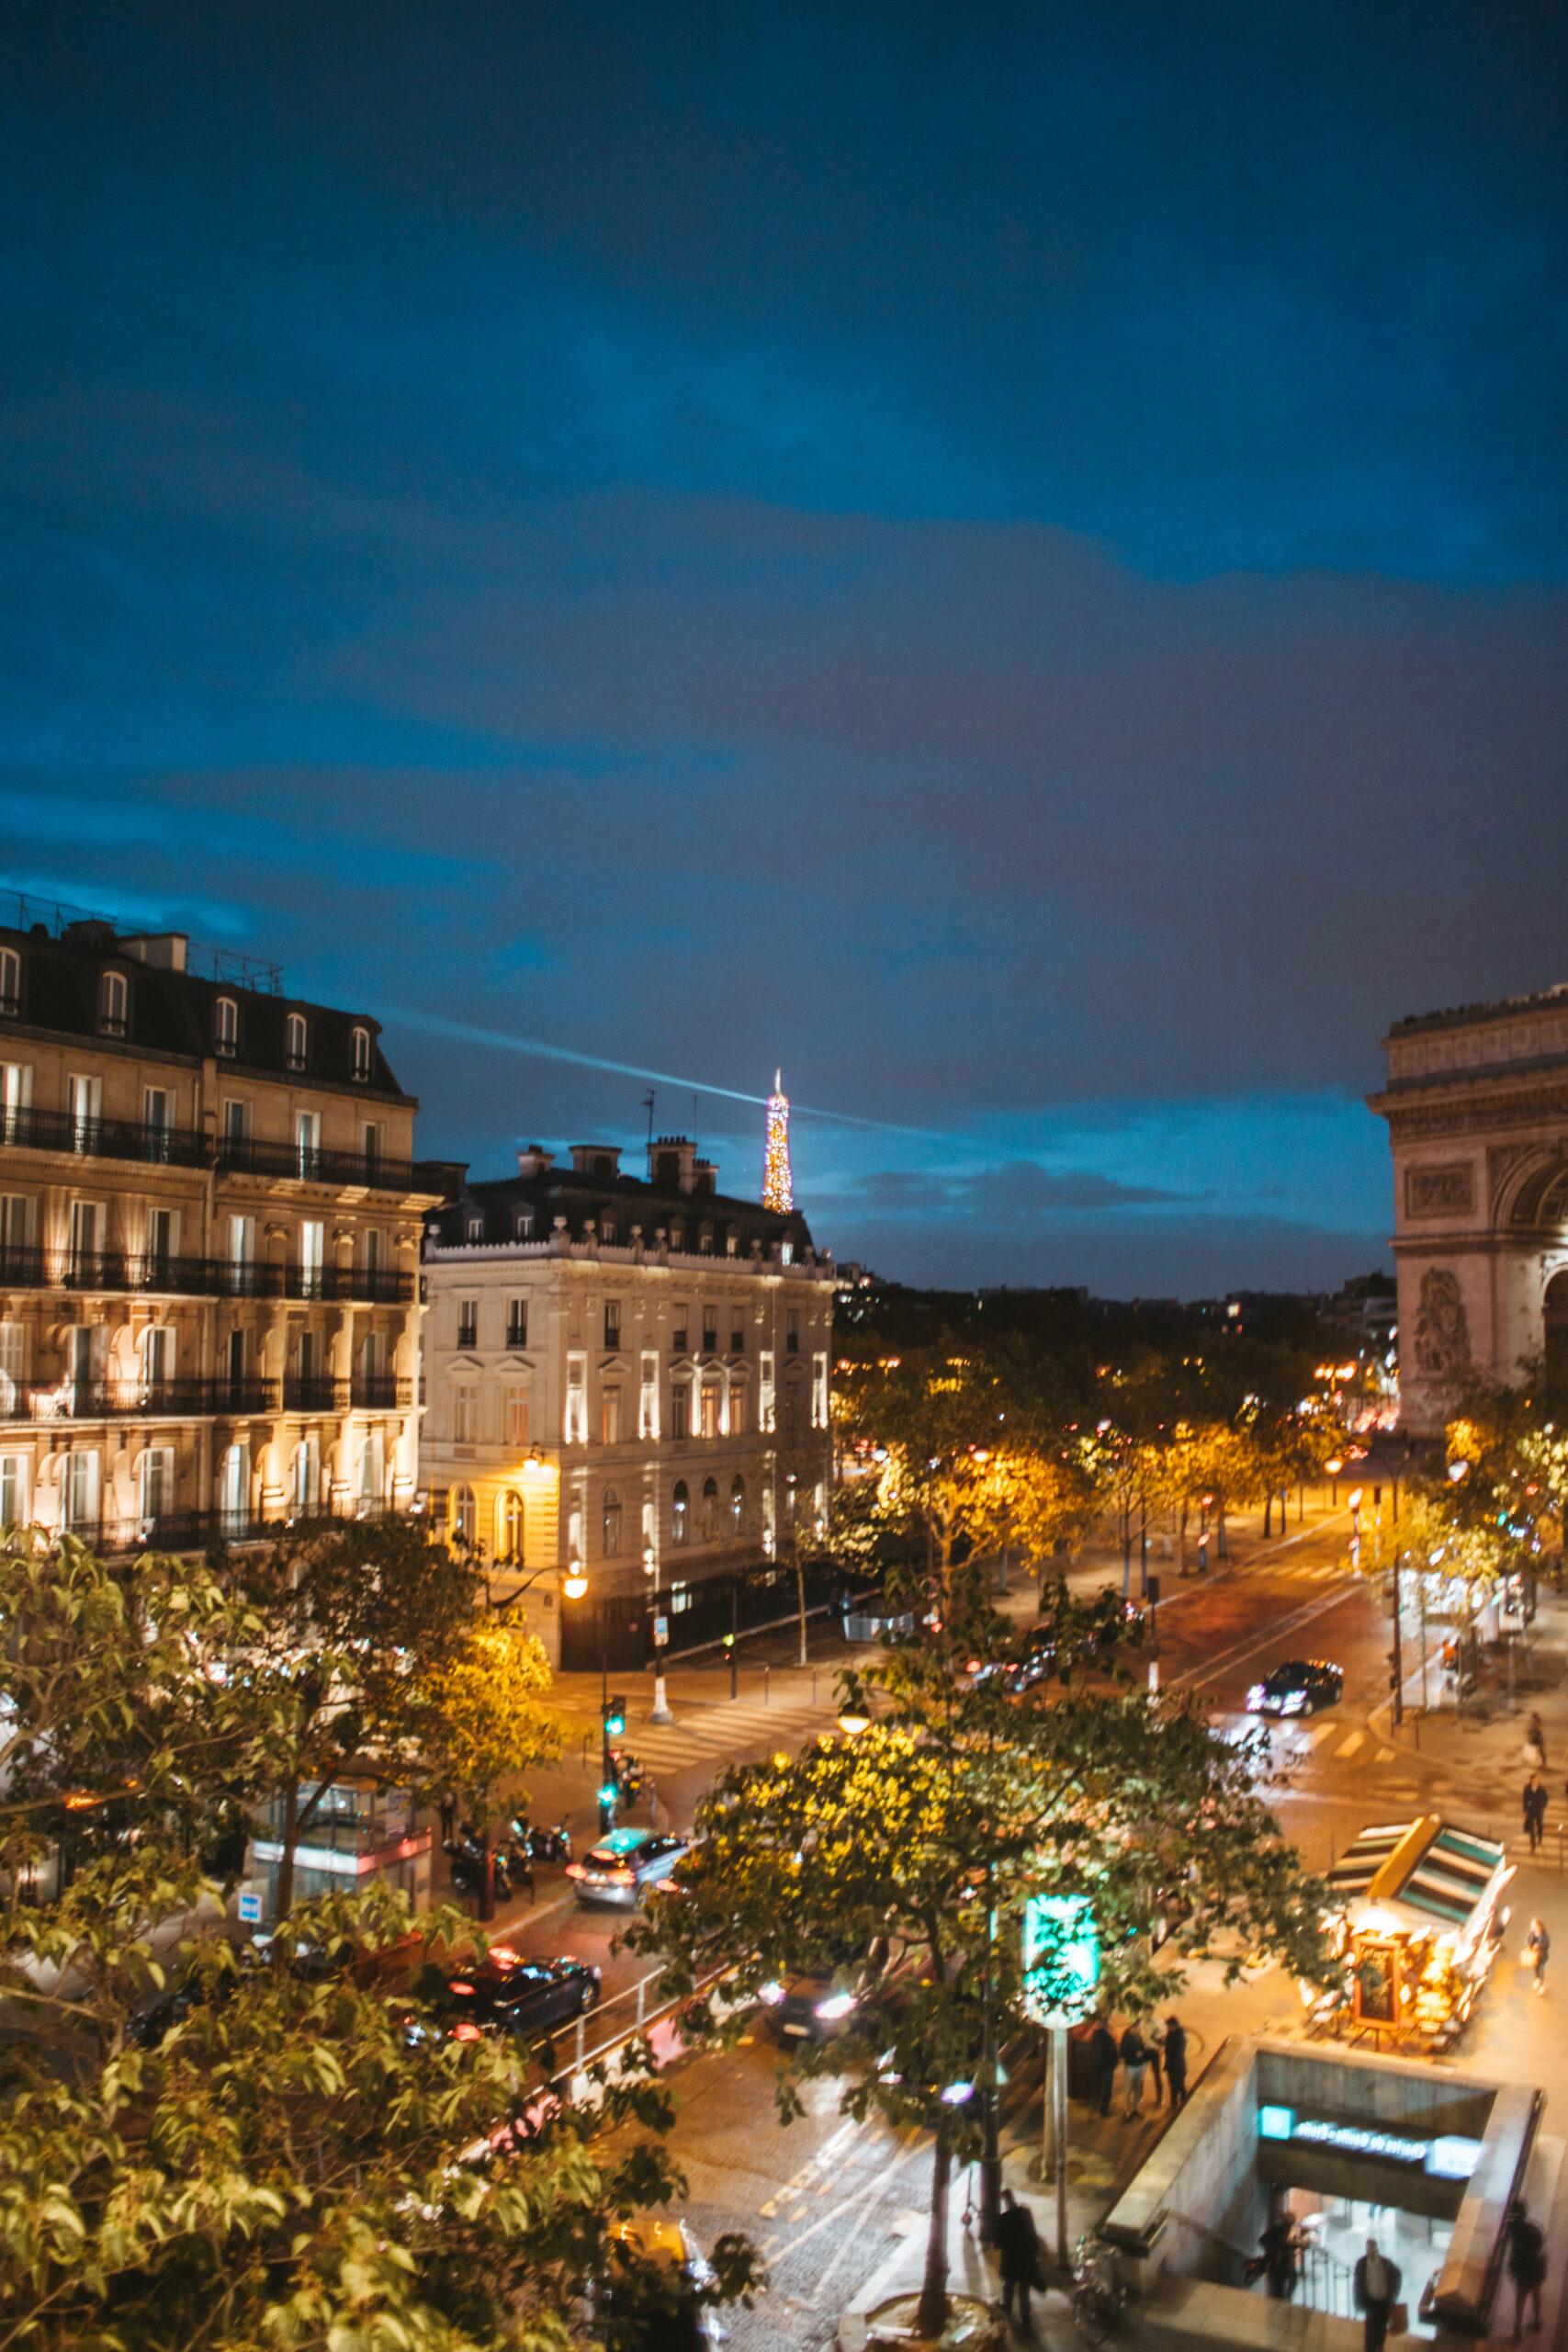 hotel z widokiem na wieżę eiffla, hotel belfast 17th arrondissement paris, Łuk Triumfalny, Balkon w paryżu z widokiem, paryż nocleg, Wieża Eiffla nocą, widok z hotelu Belfast